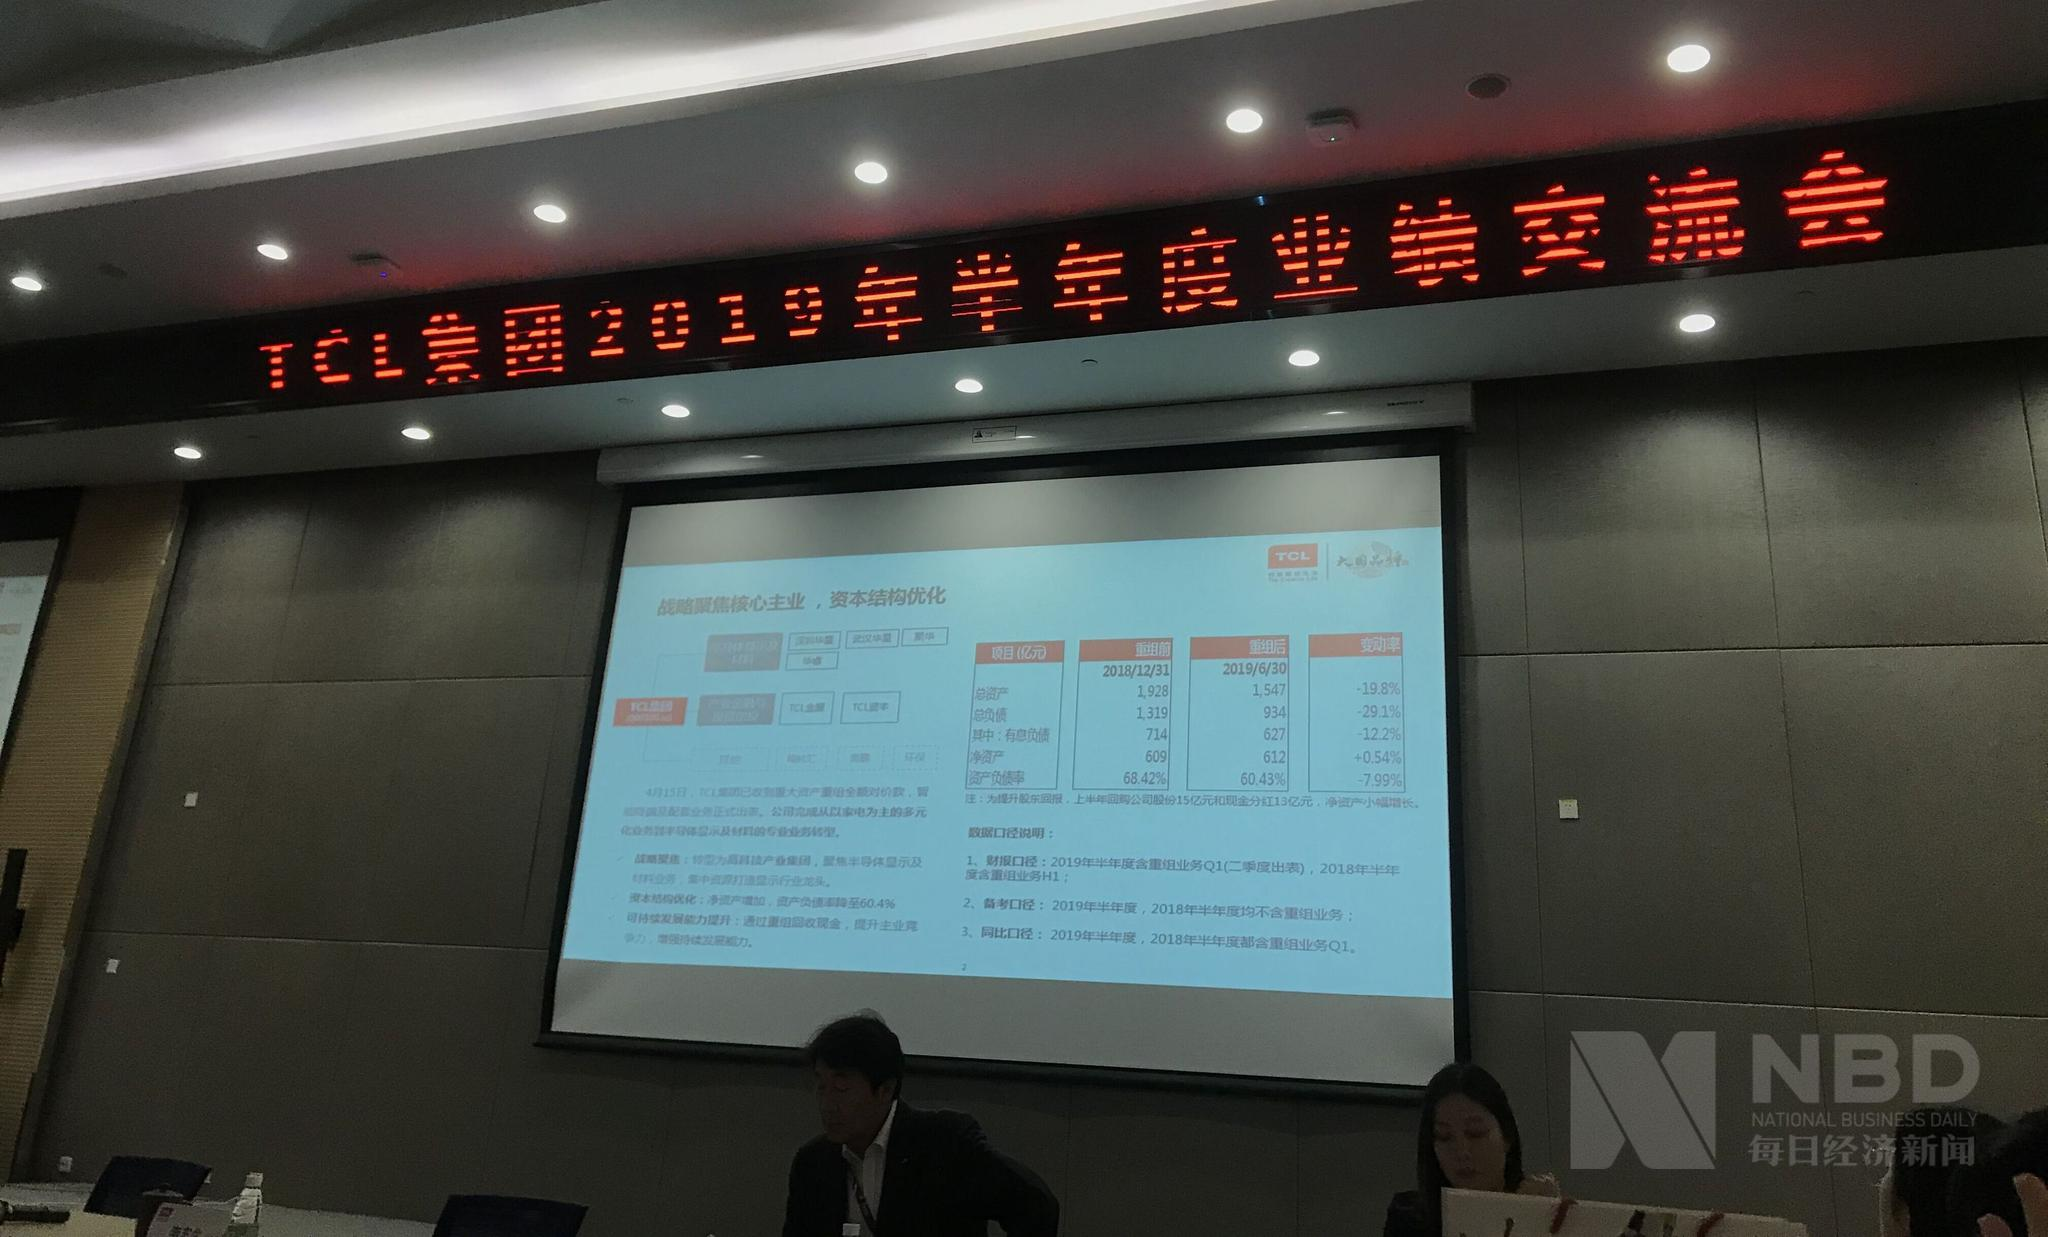 李东生详解重组后半年报:价格下滑致华星增收不增利